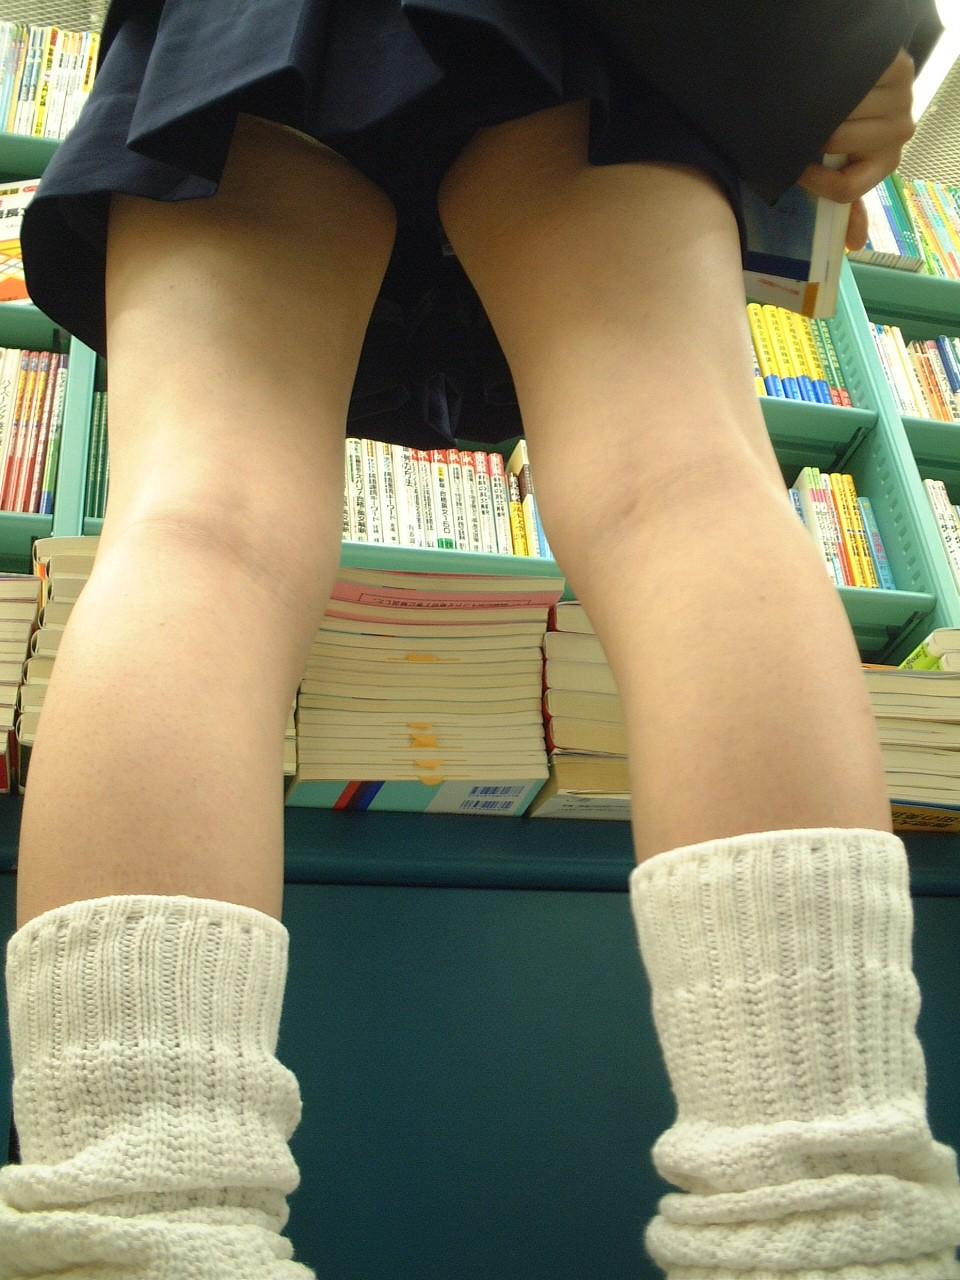 【JKパンチラ画像】短いスカートで無自覚に挑発してくるJKのパンチラ画像 12